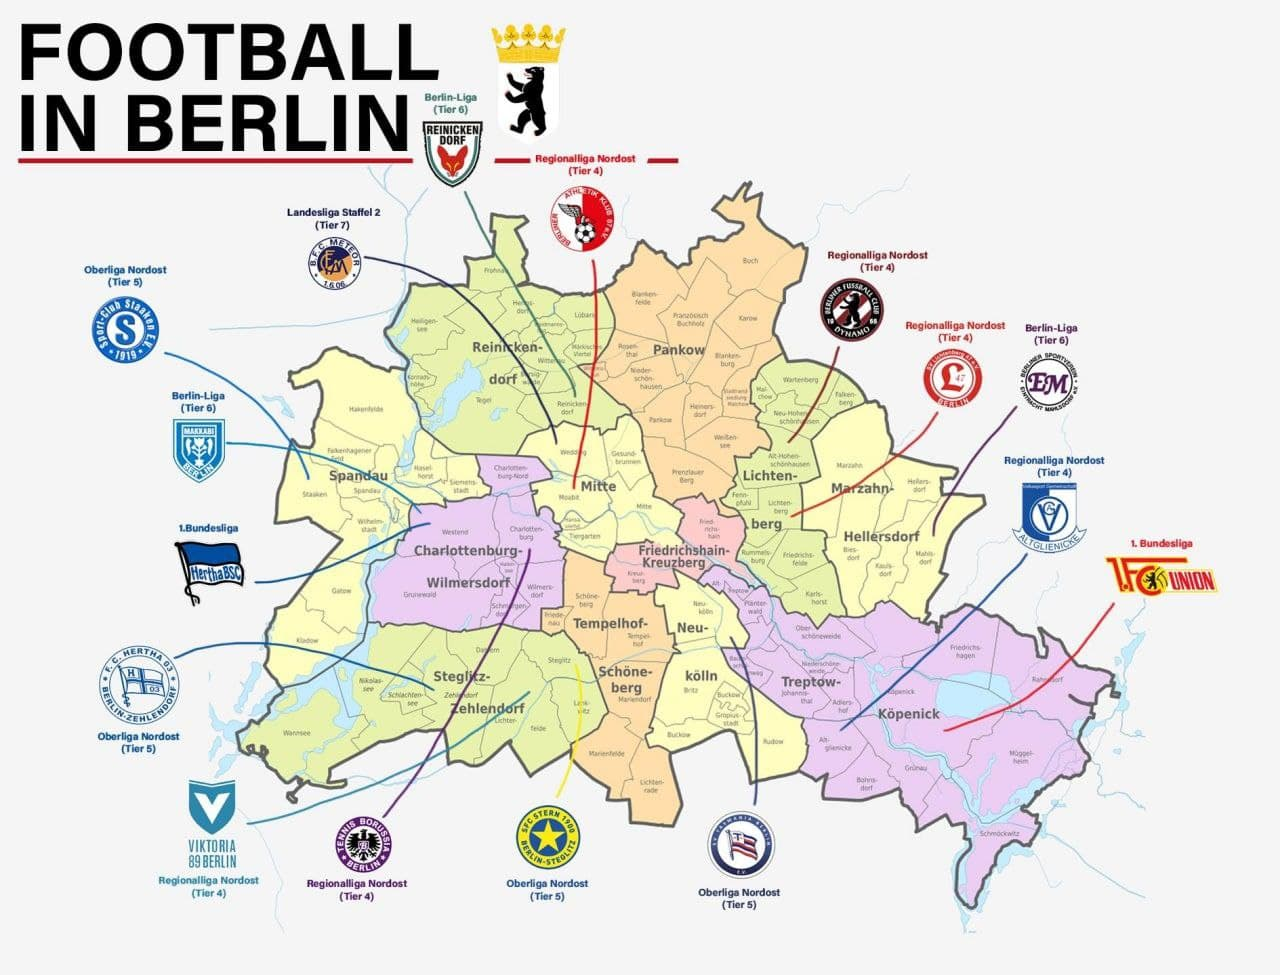 Футбольная карта Берлина